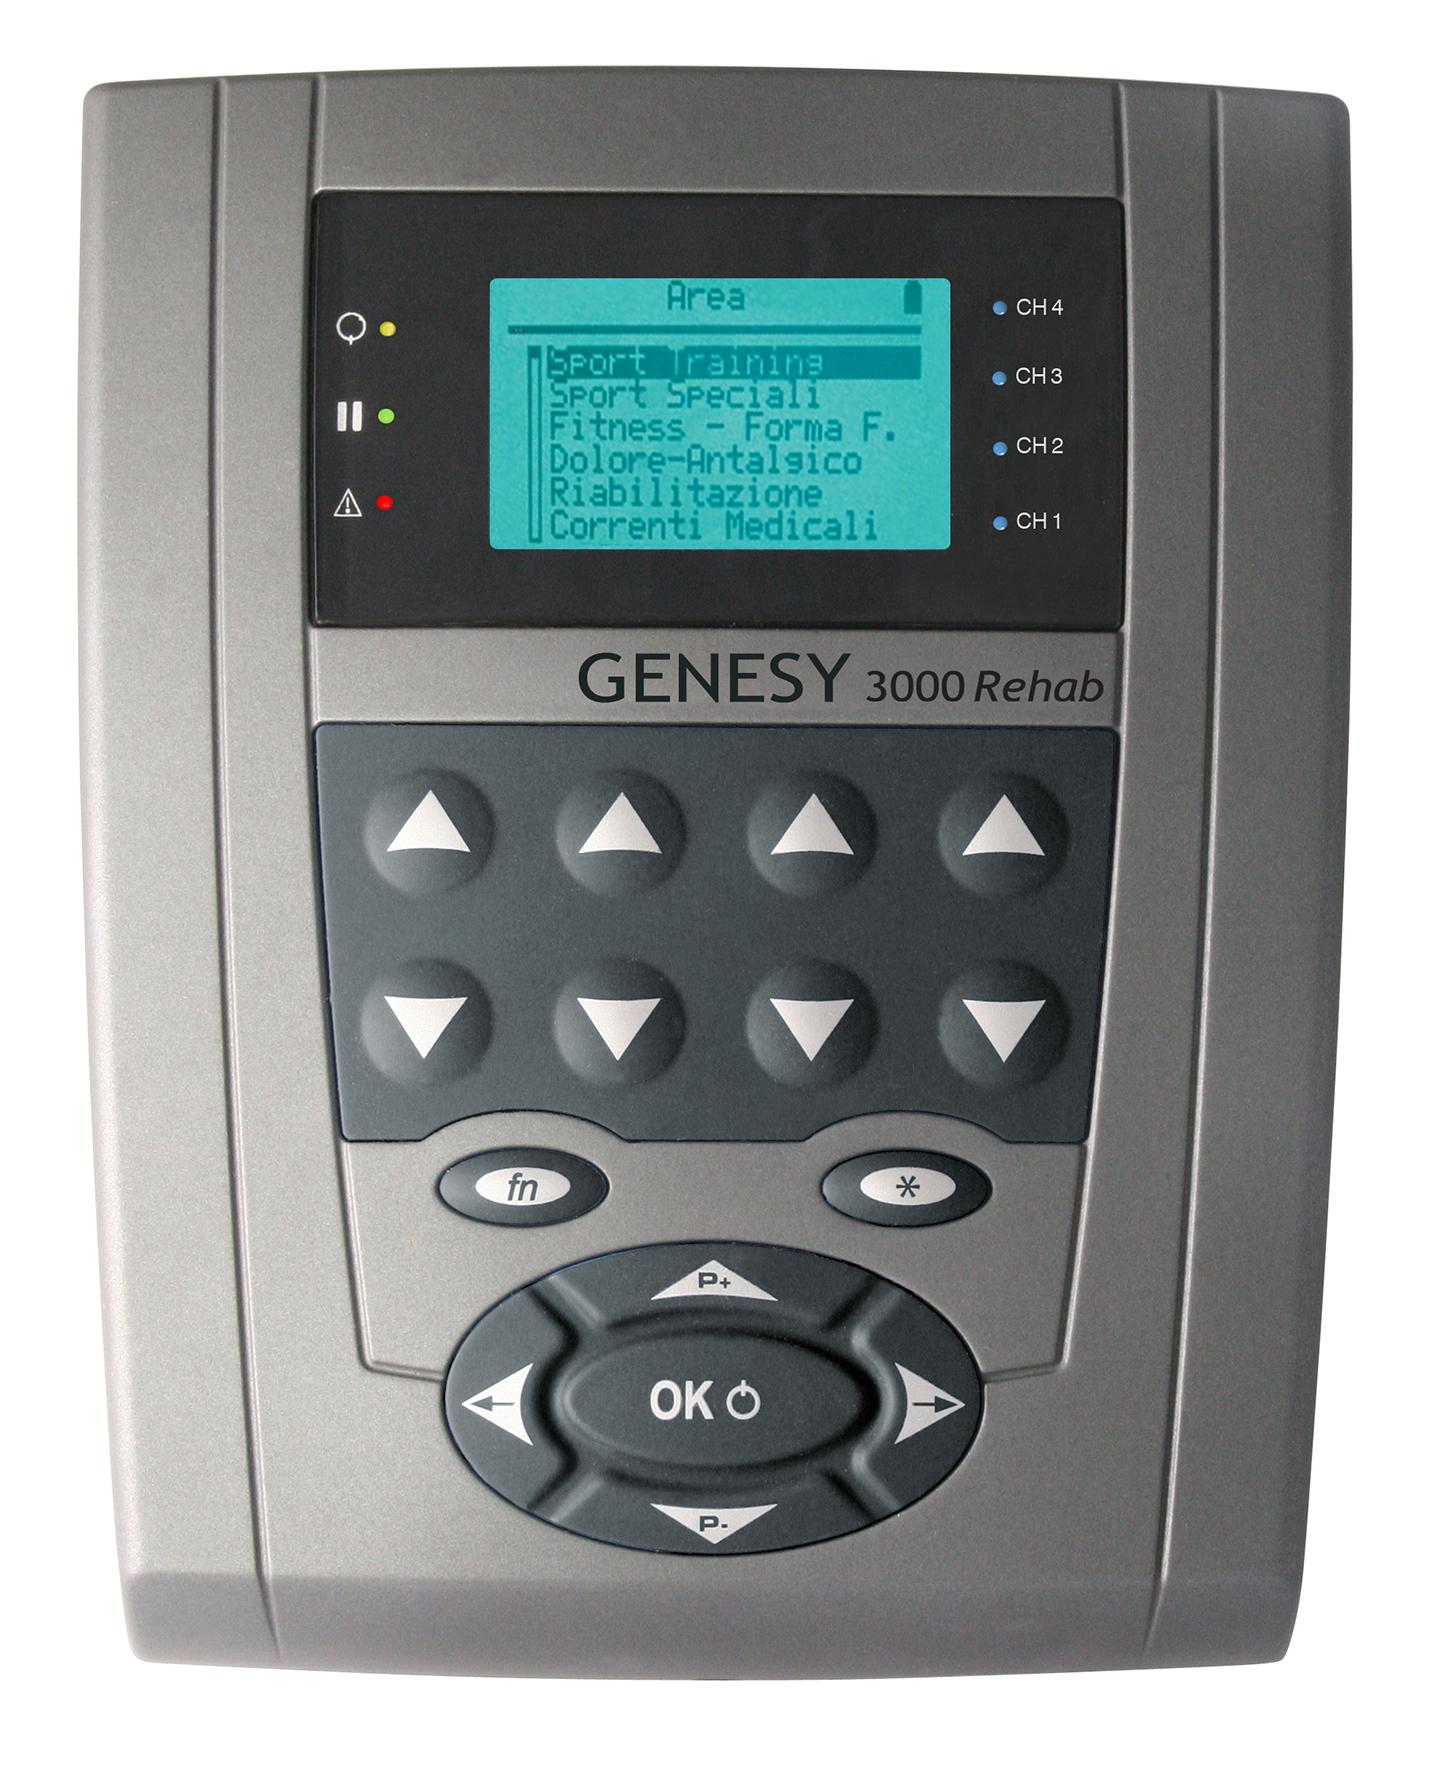 Genesy 3000 Rehab - Actinomie